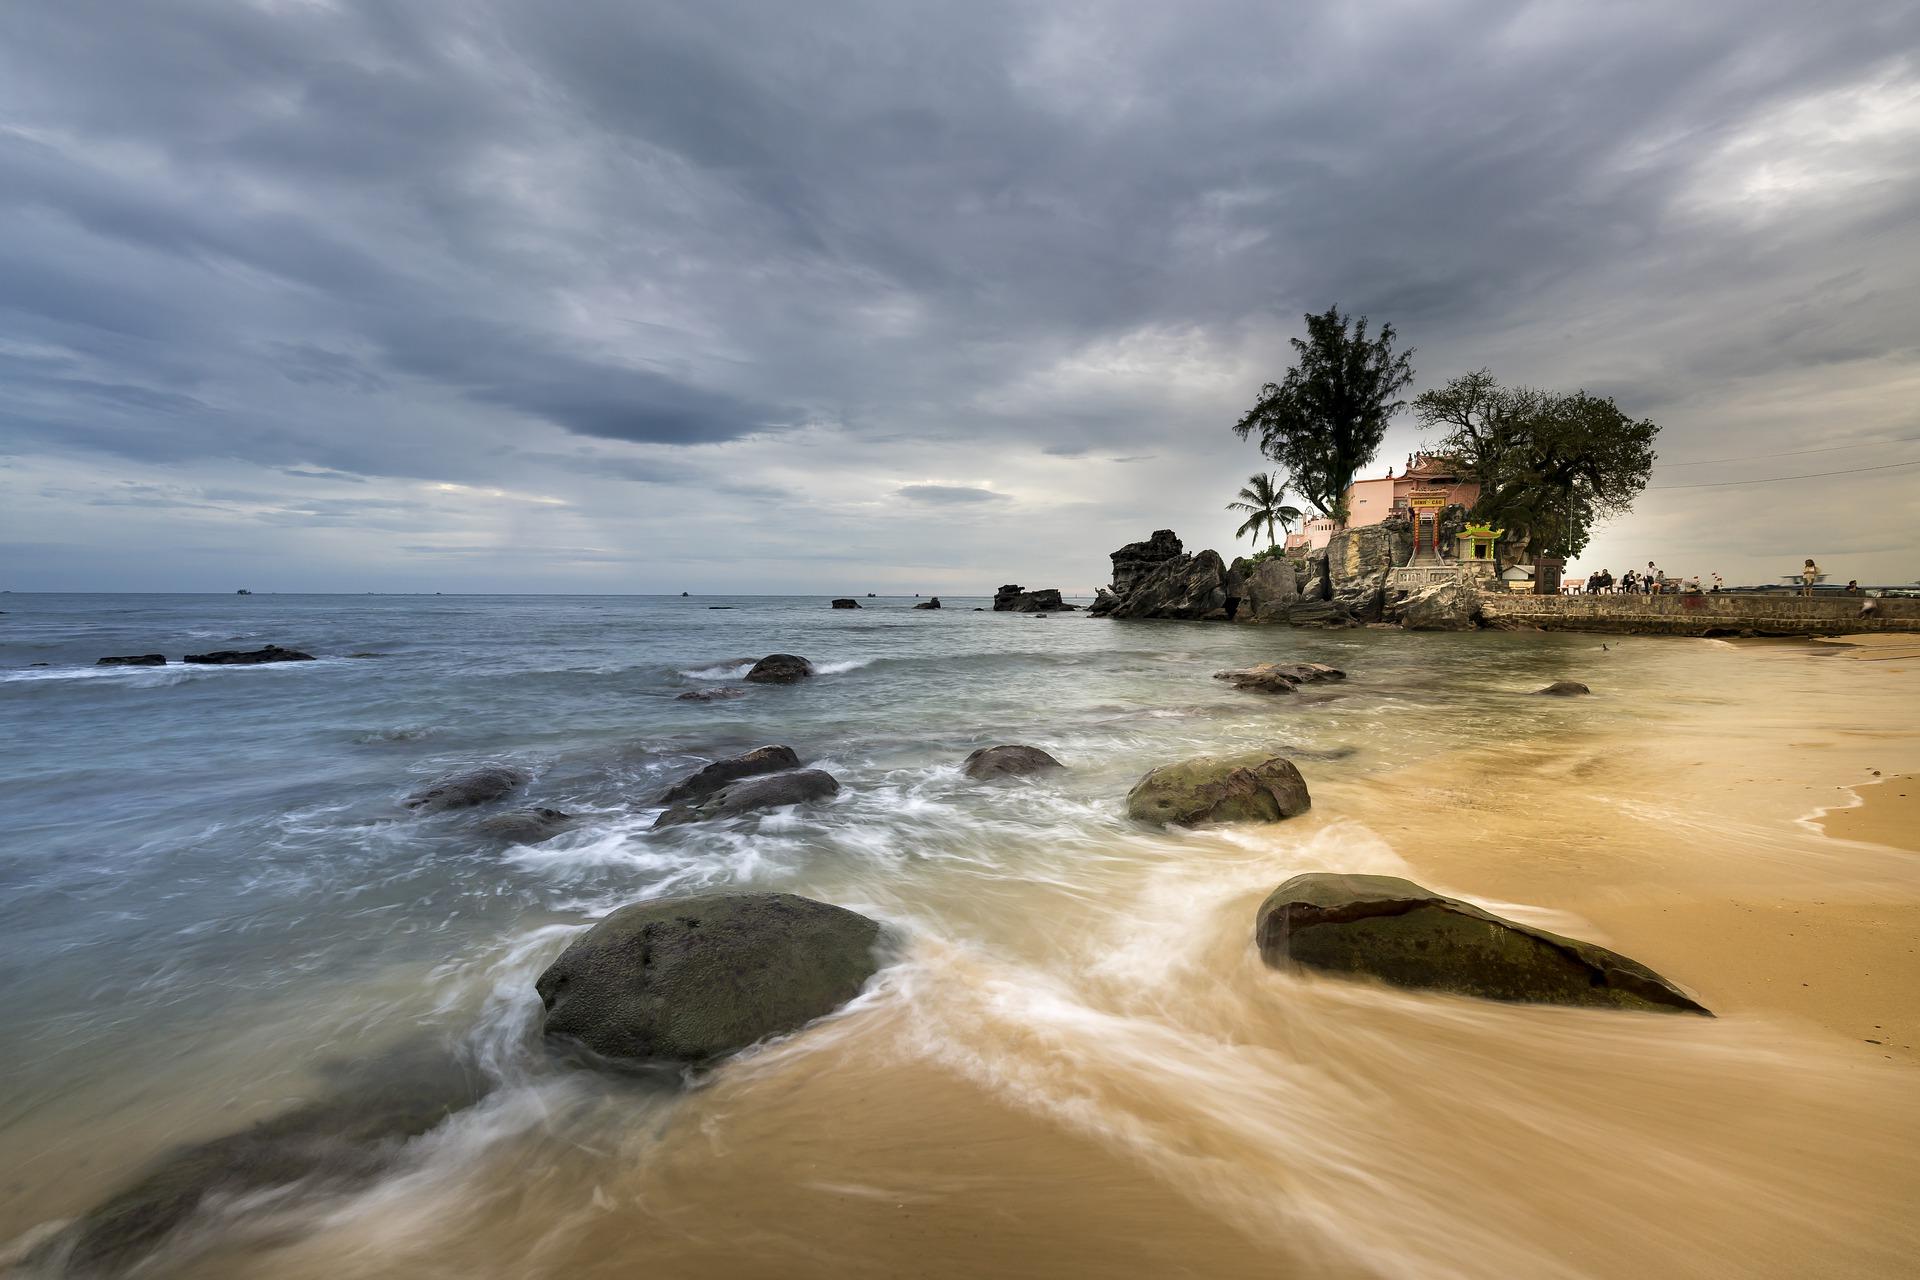 Der Strand bei Phu Quoc